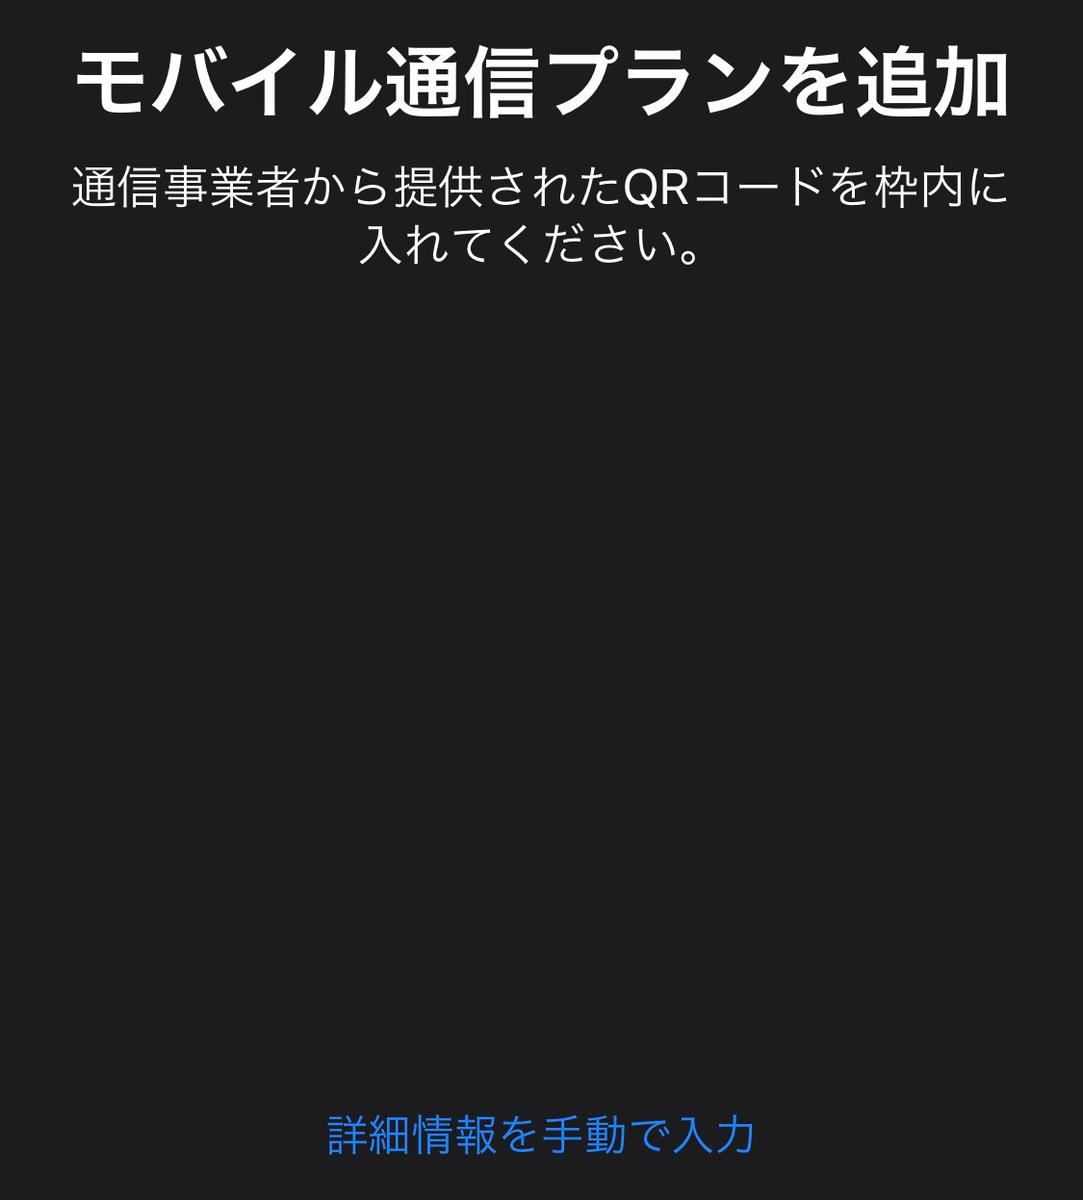 f:id:tkan1111:20201115094648p:plain